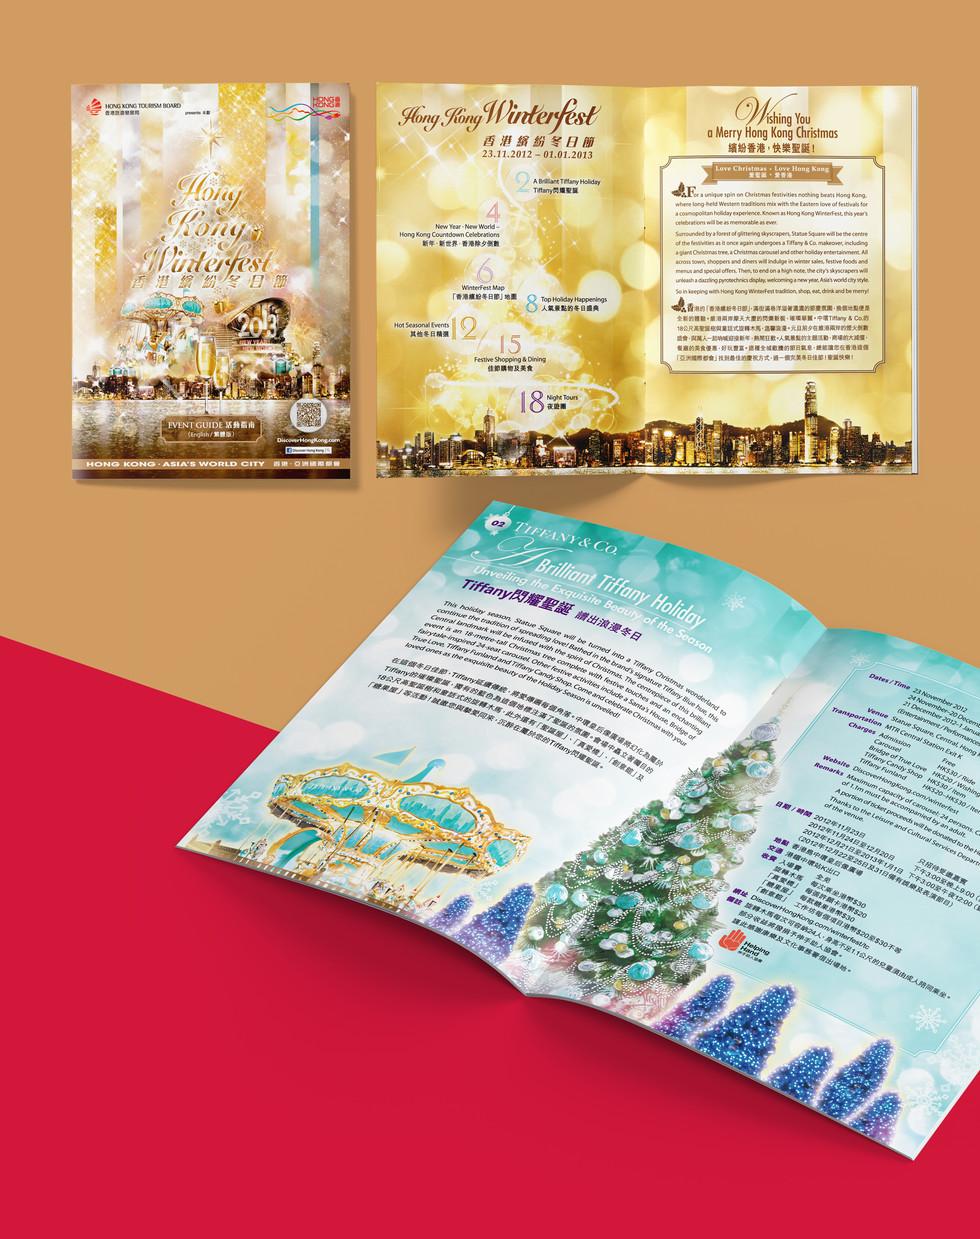 Hong Kong WinterFest 2012